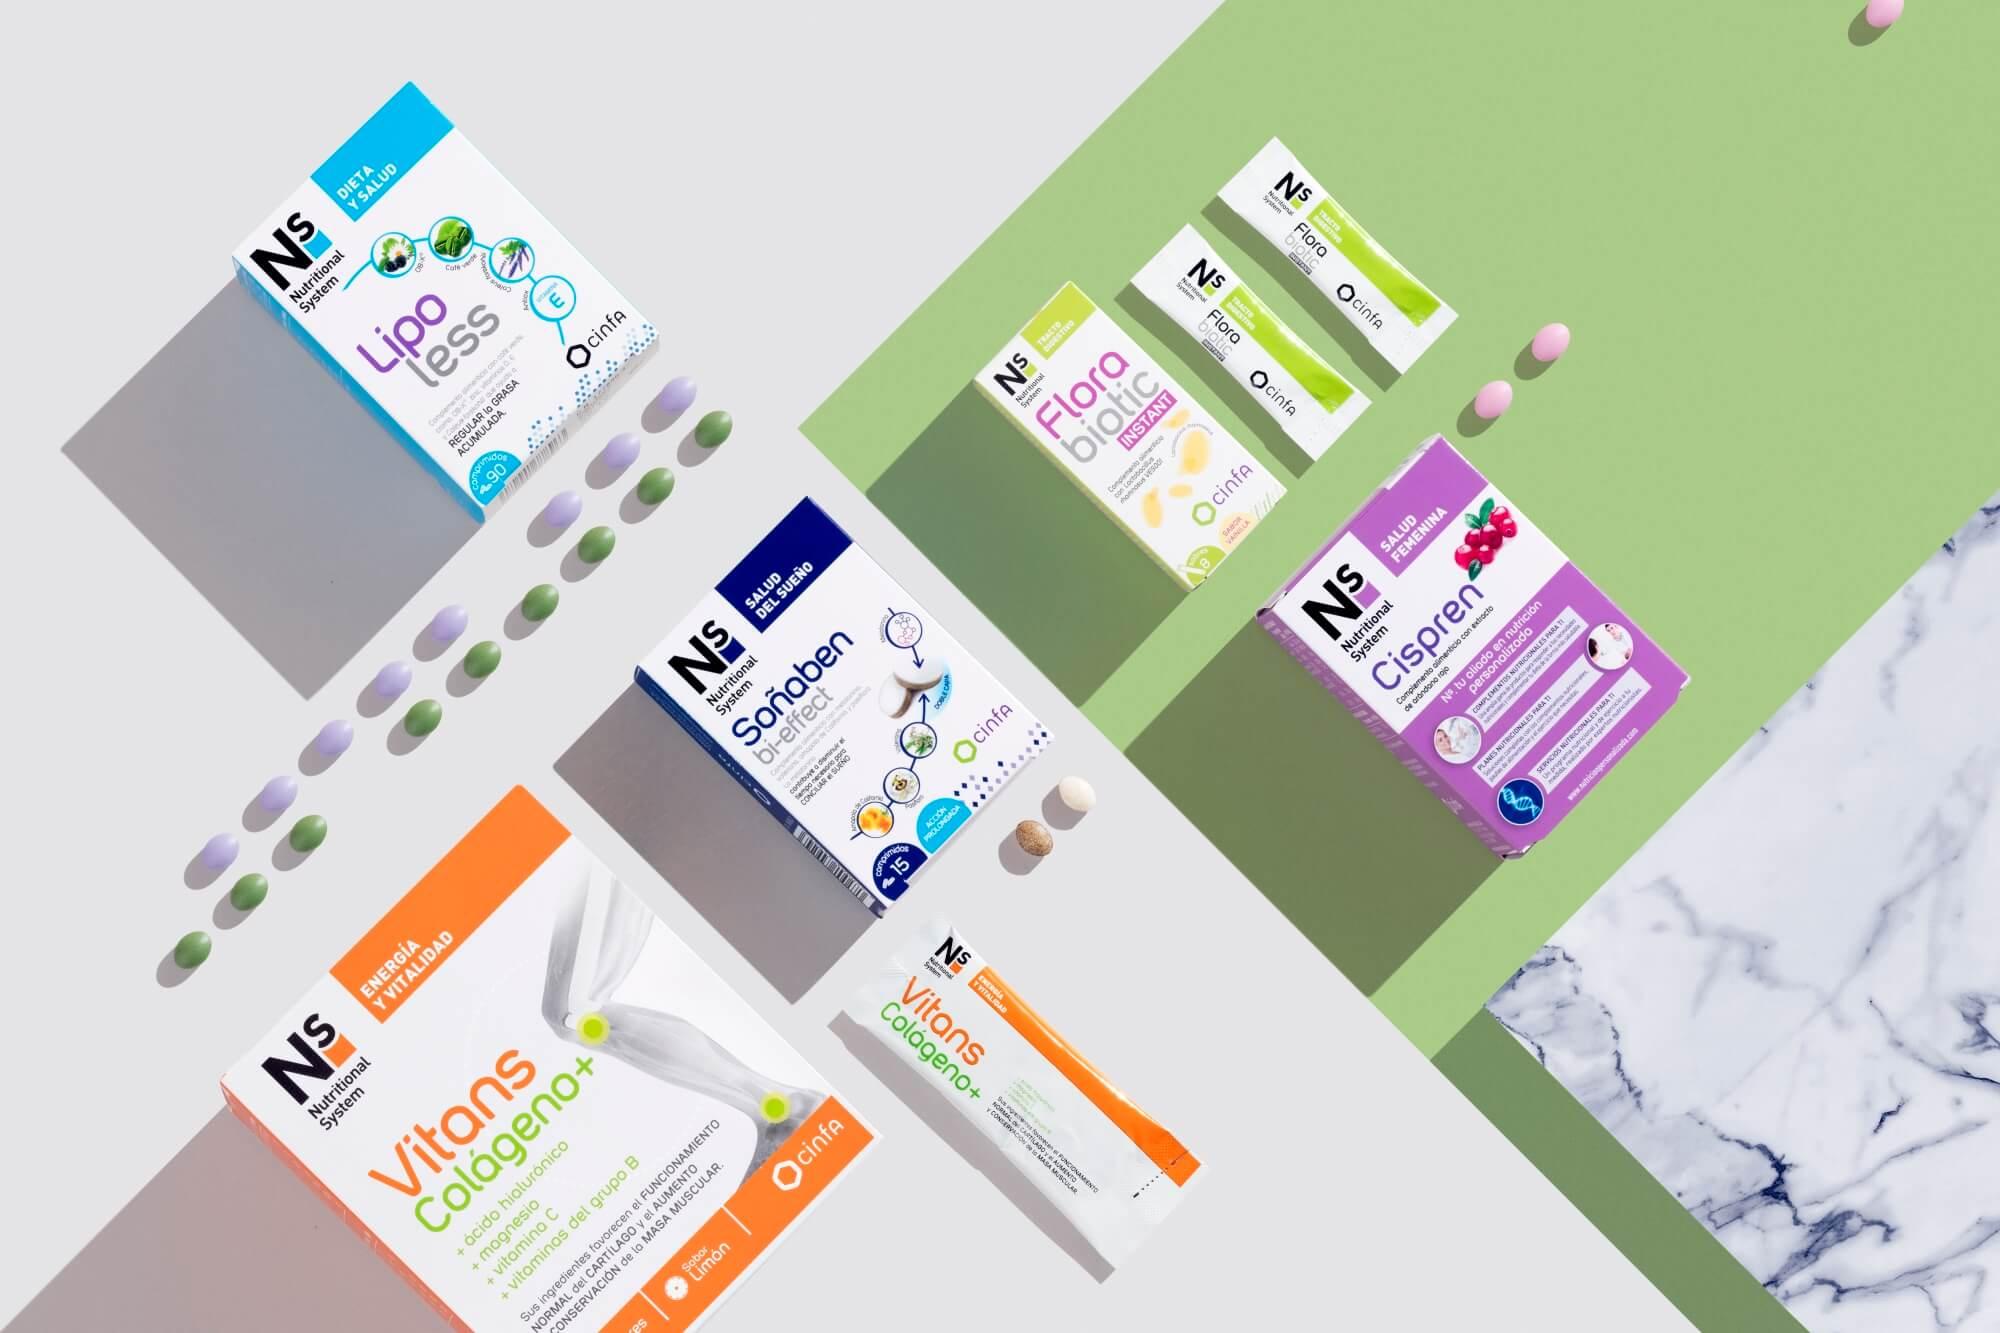 Nutrición Ns de Cinfa: Vitans Colágeno +, Lipoless, Flora biotic…